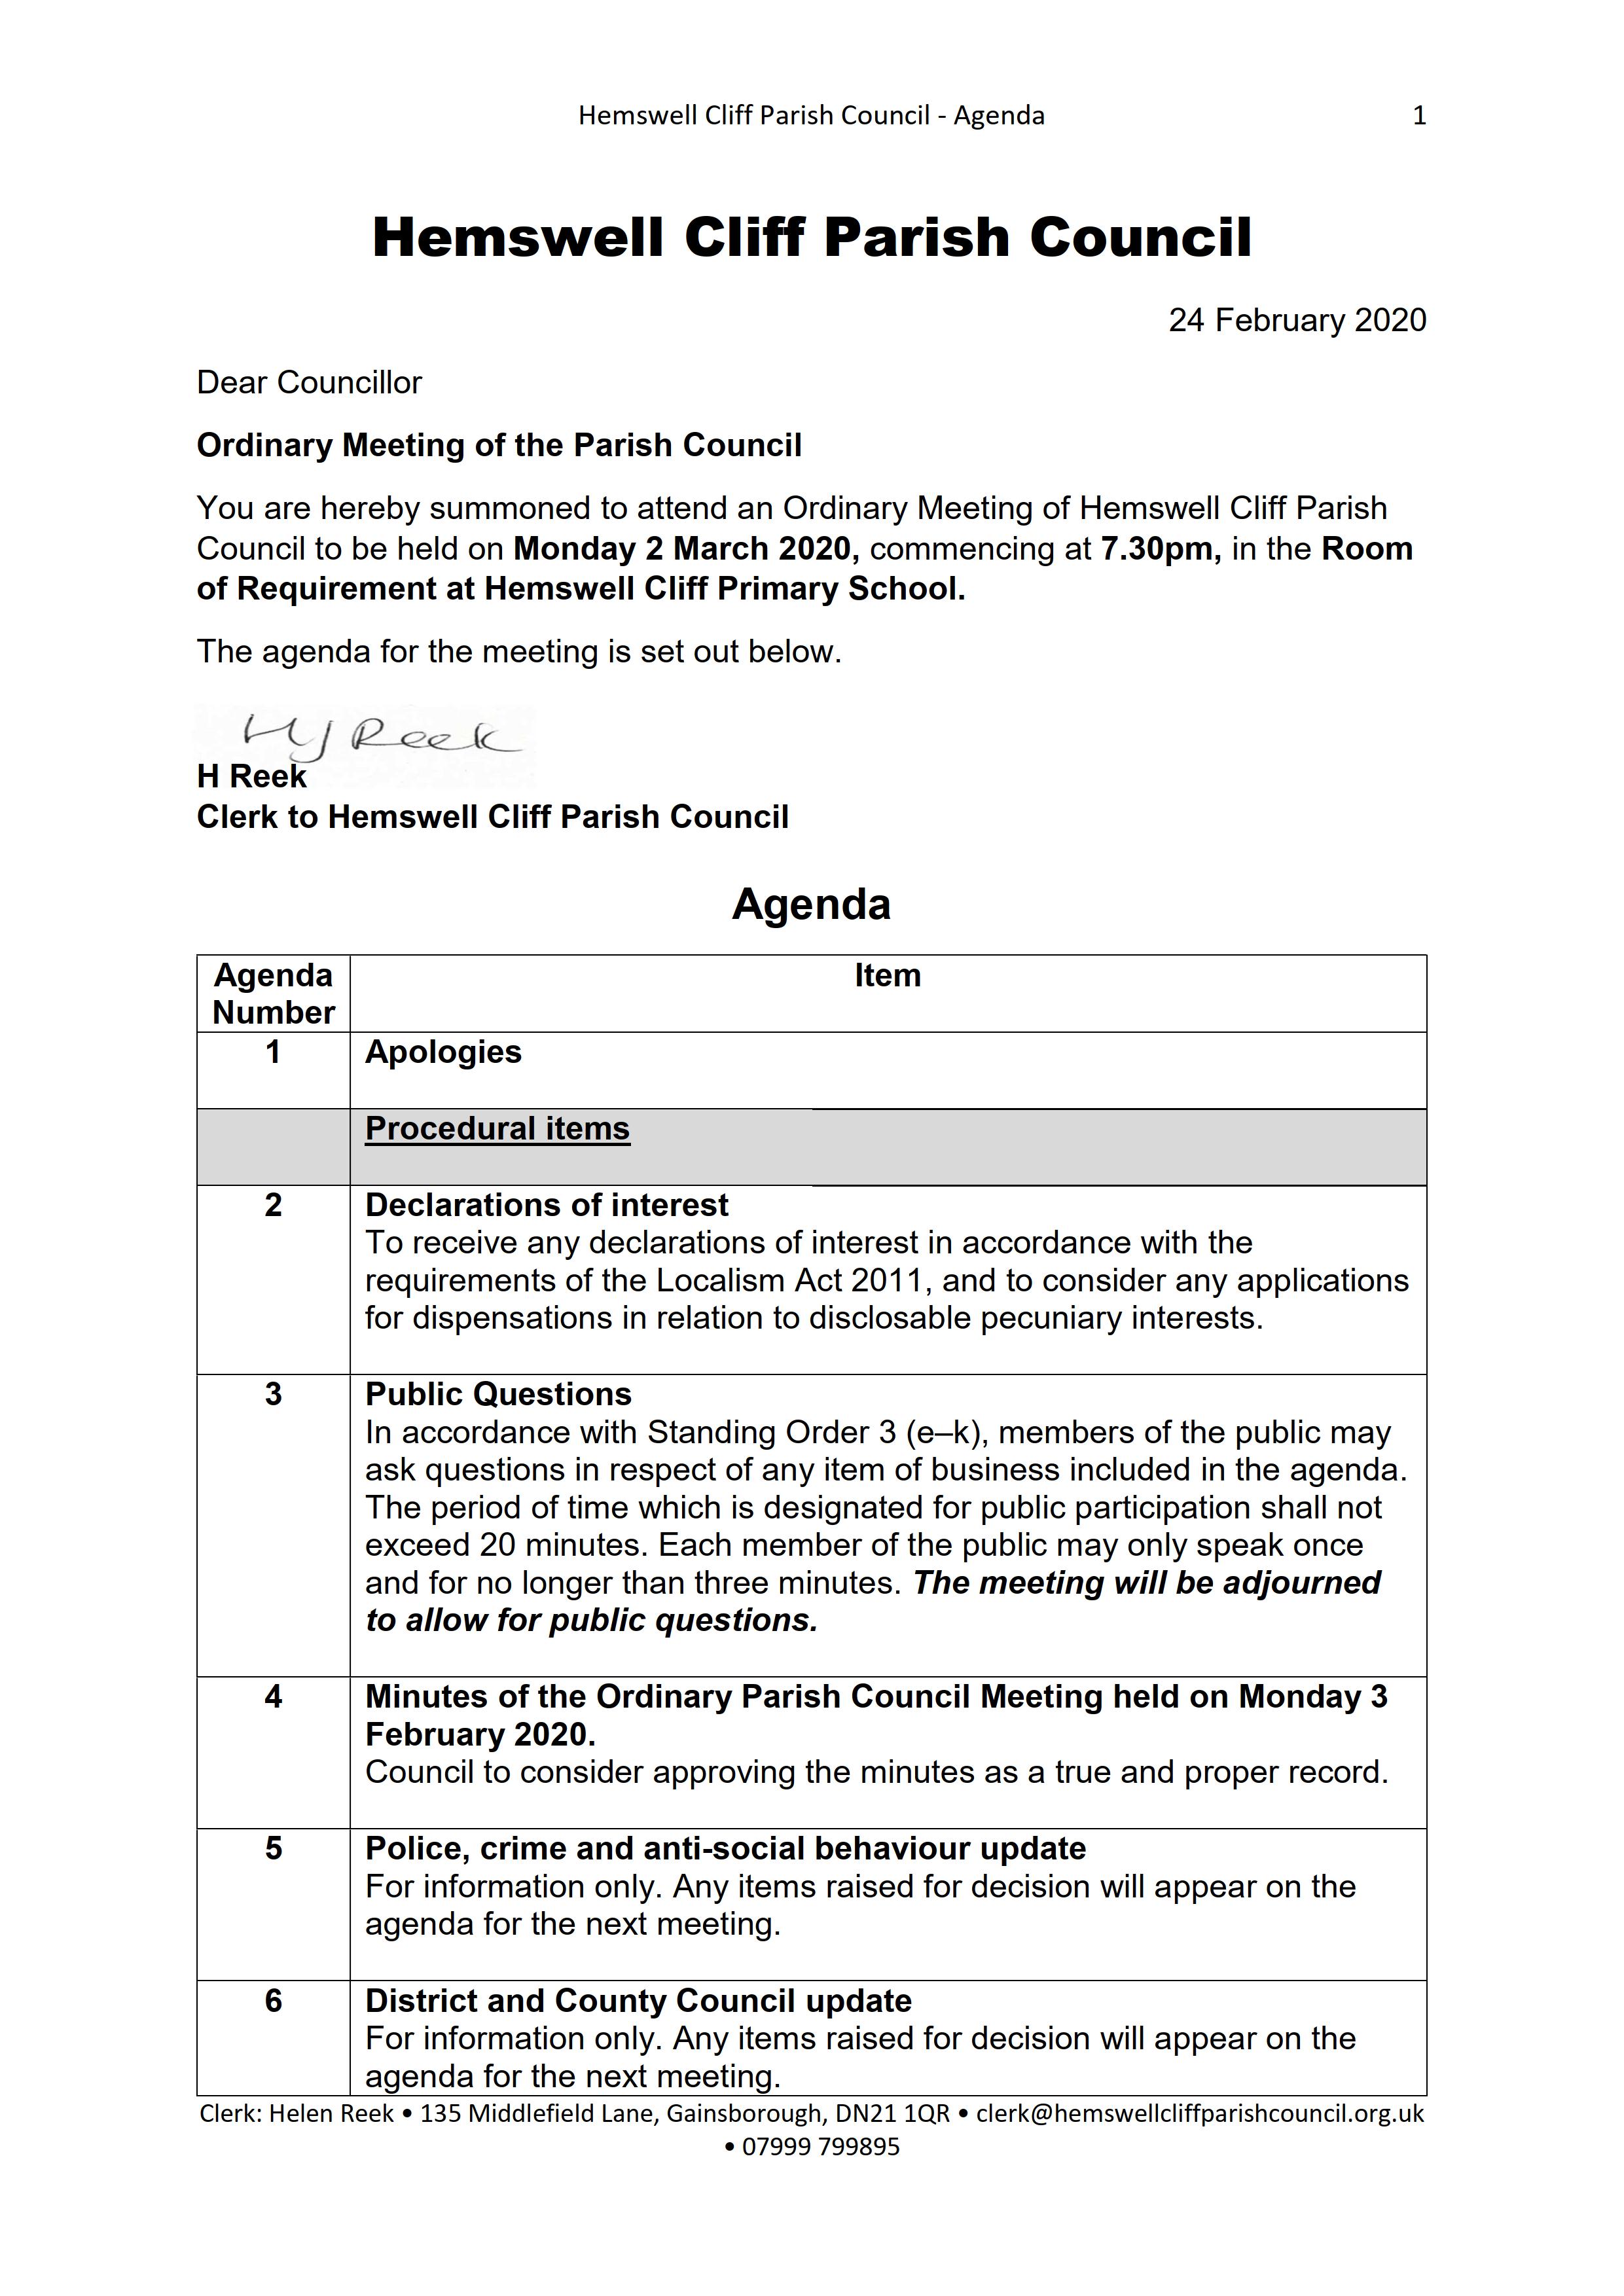 HCPC_Agenda_02.03.201.png